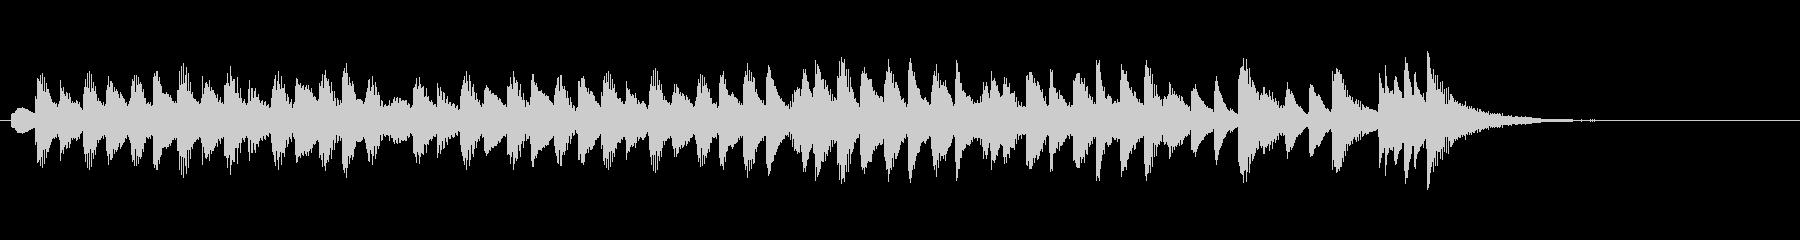 コミカルに走り回る木琴(マリンバ)の未再生の波形